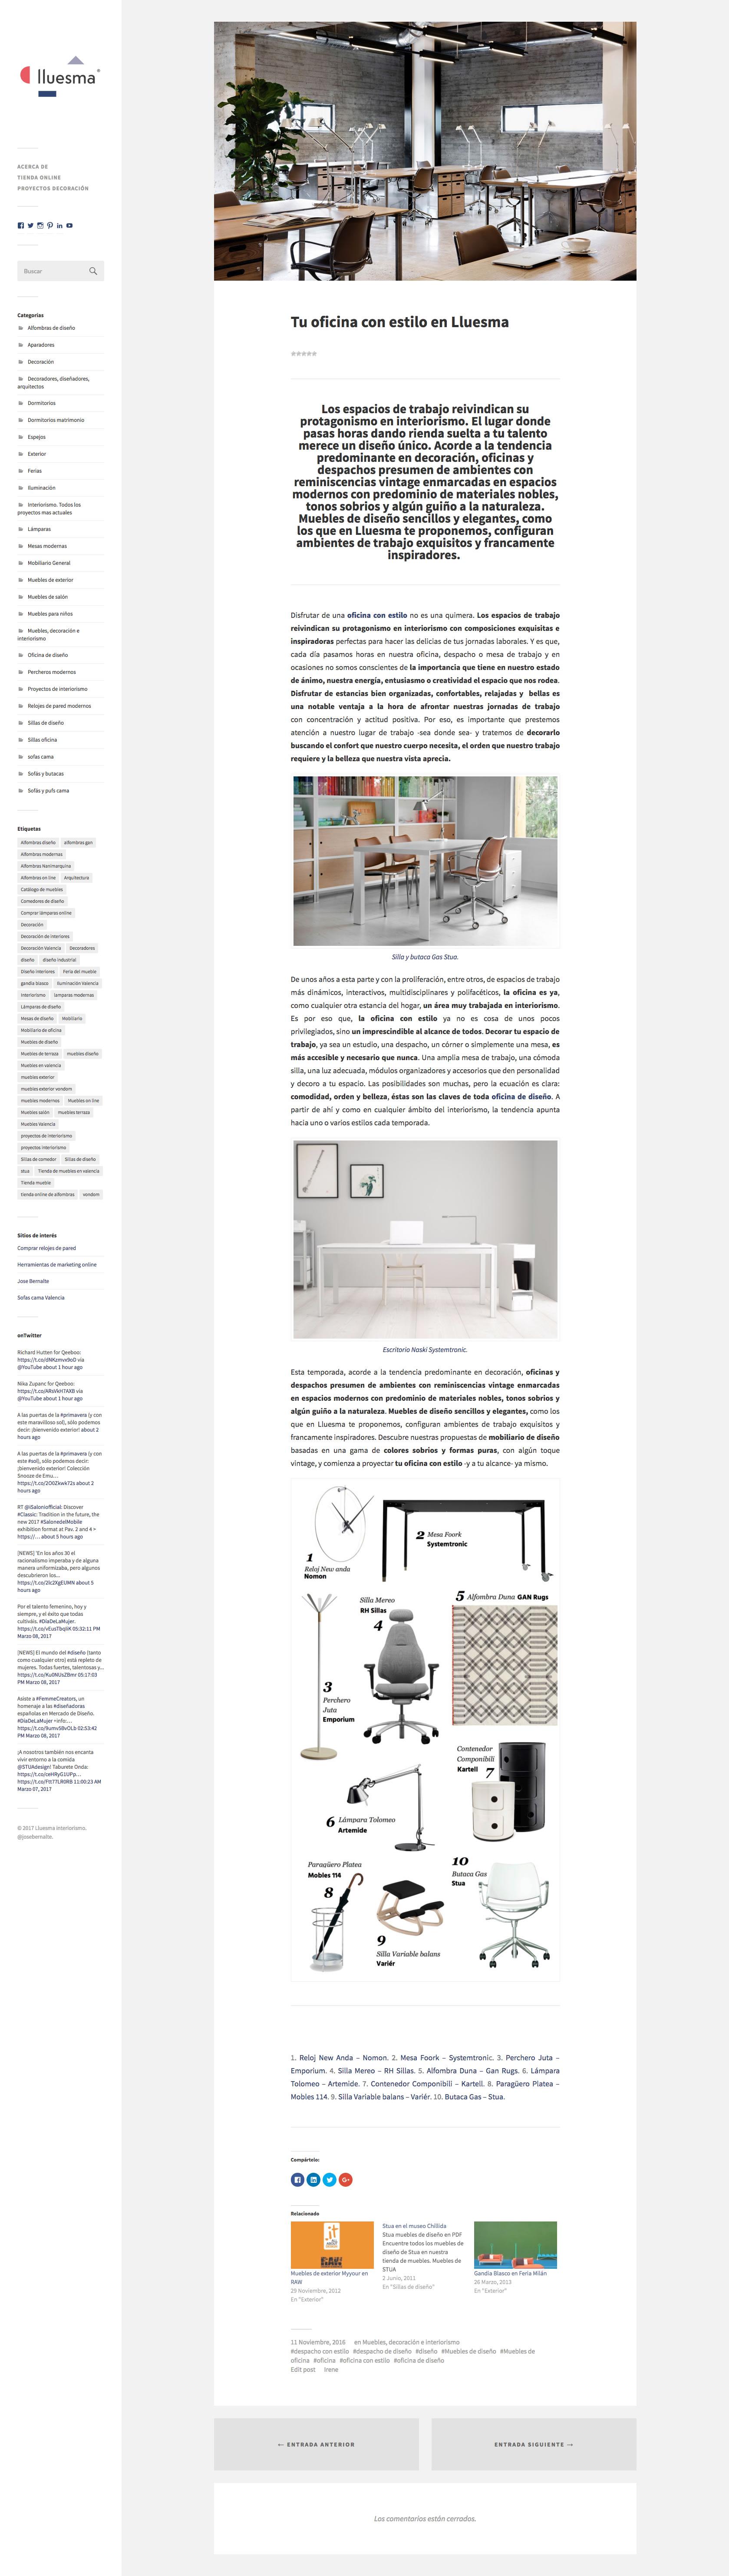 Desarrollo P Ginas Web Dise O Blog De Noticias Lluesma Jose  # Muebles Pagina Web